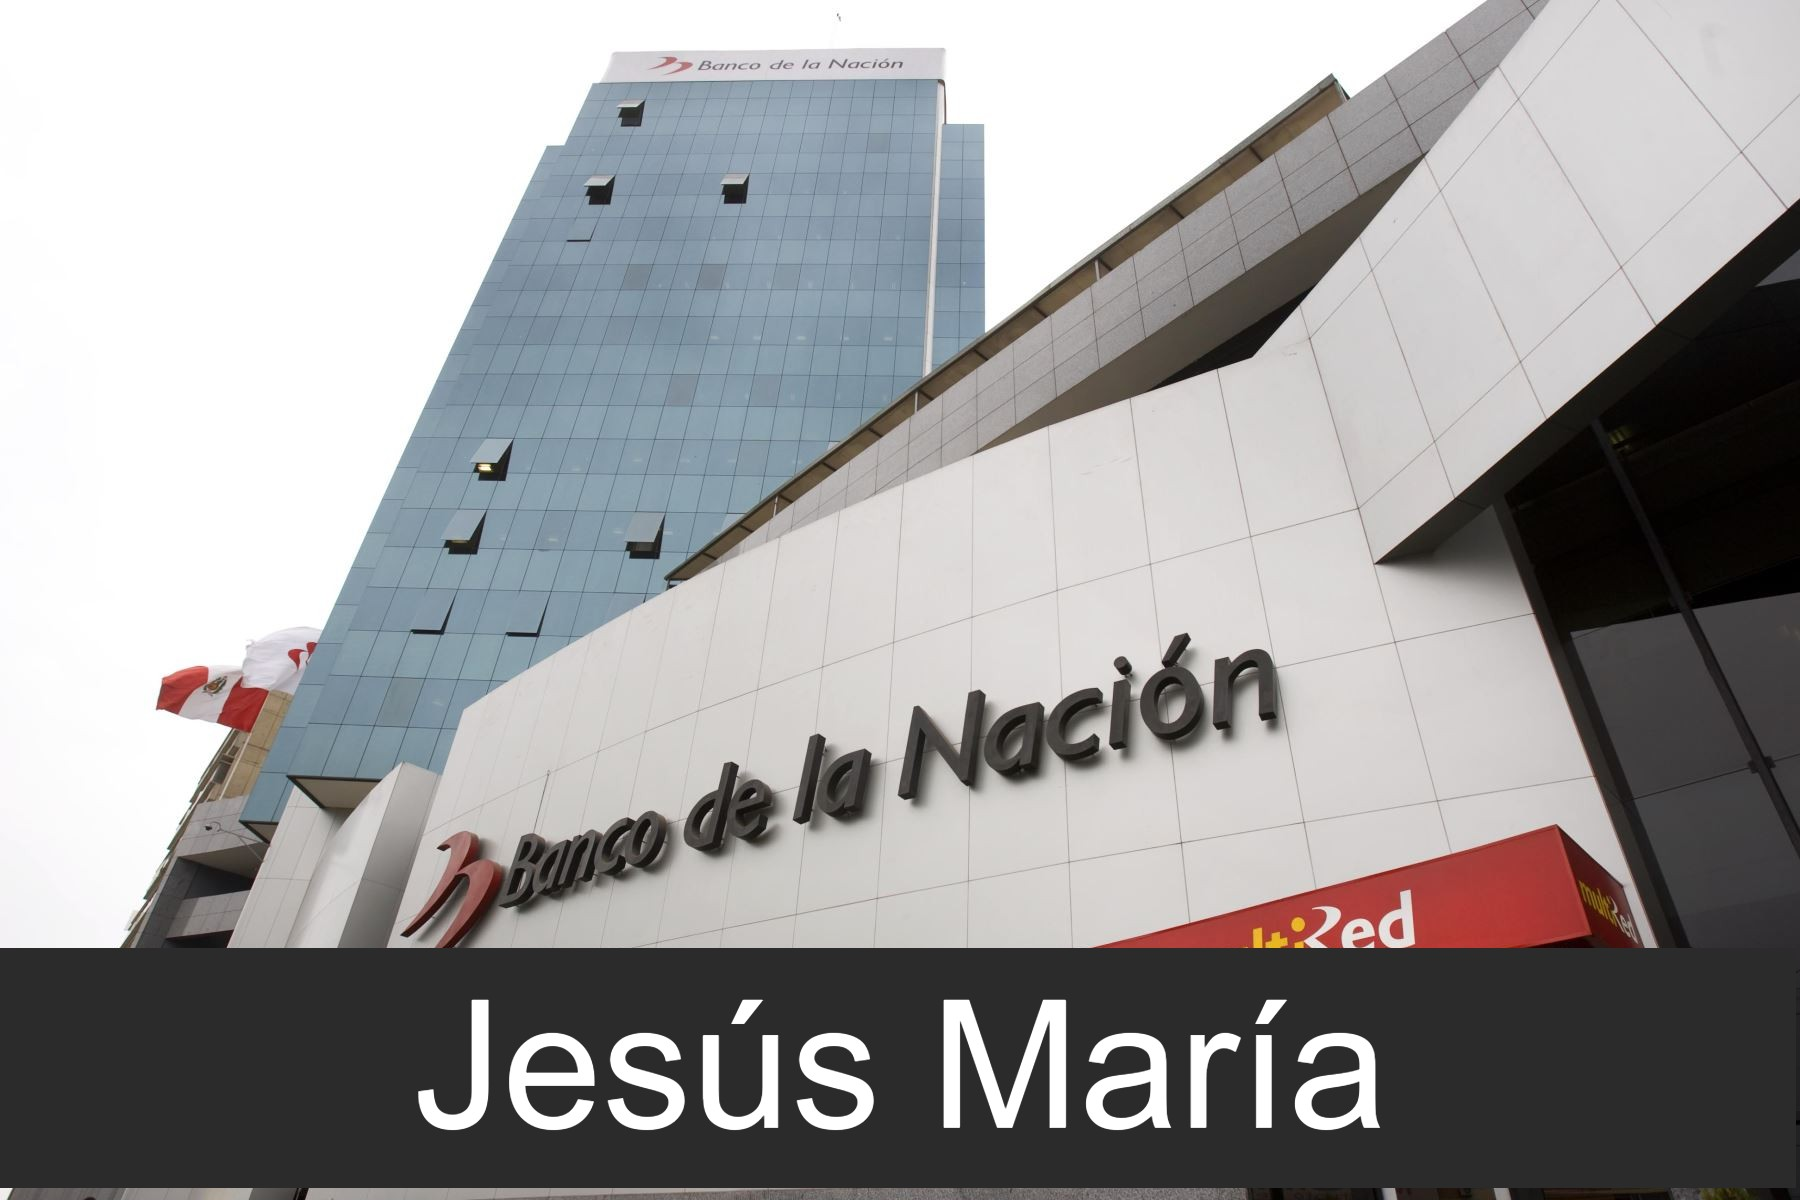 banco de la nacion en Jesús María